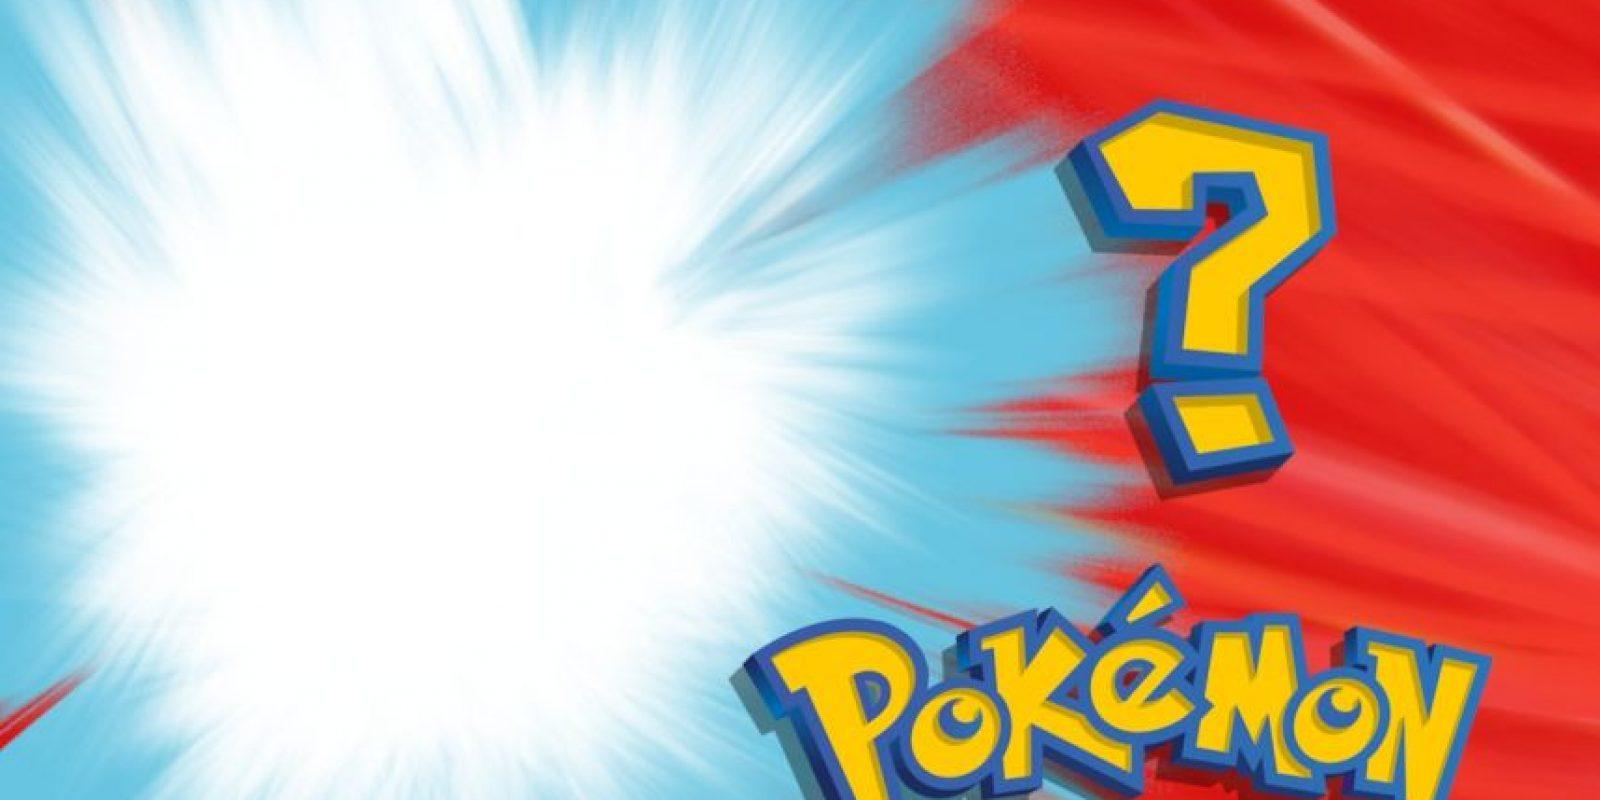 ¿Quién es ese Pokemón?: Un nuevo meme ha surgido Foto:Reddit